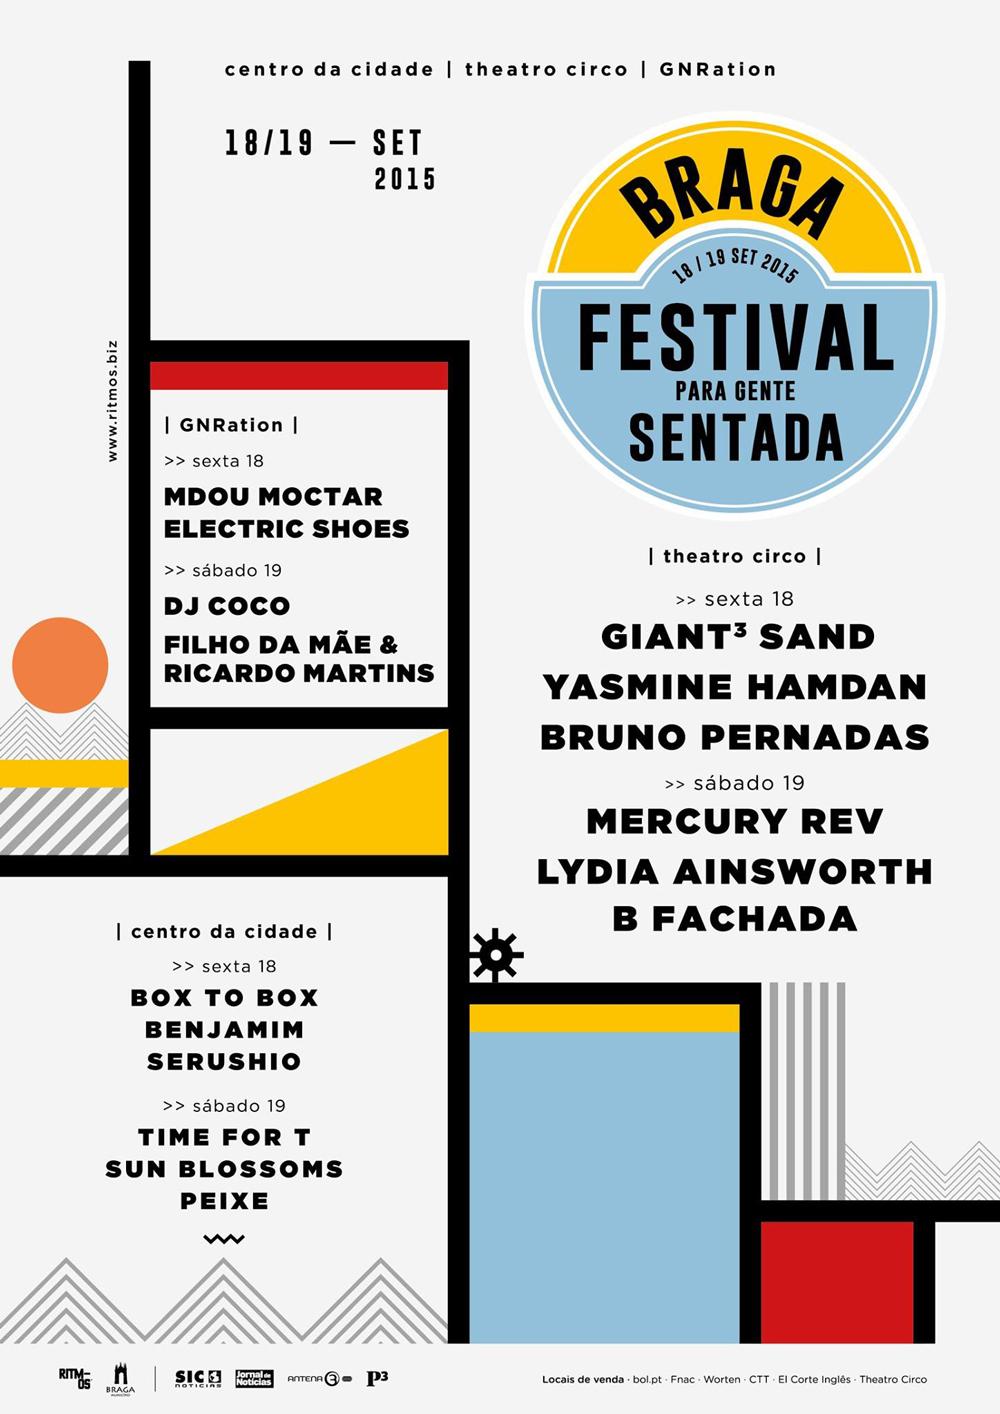 cartaz Festival para Gente Sentada